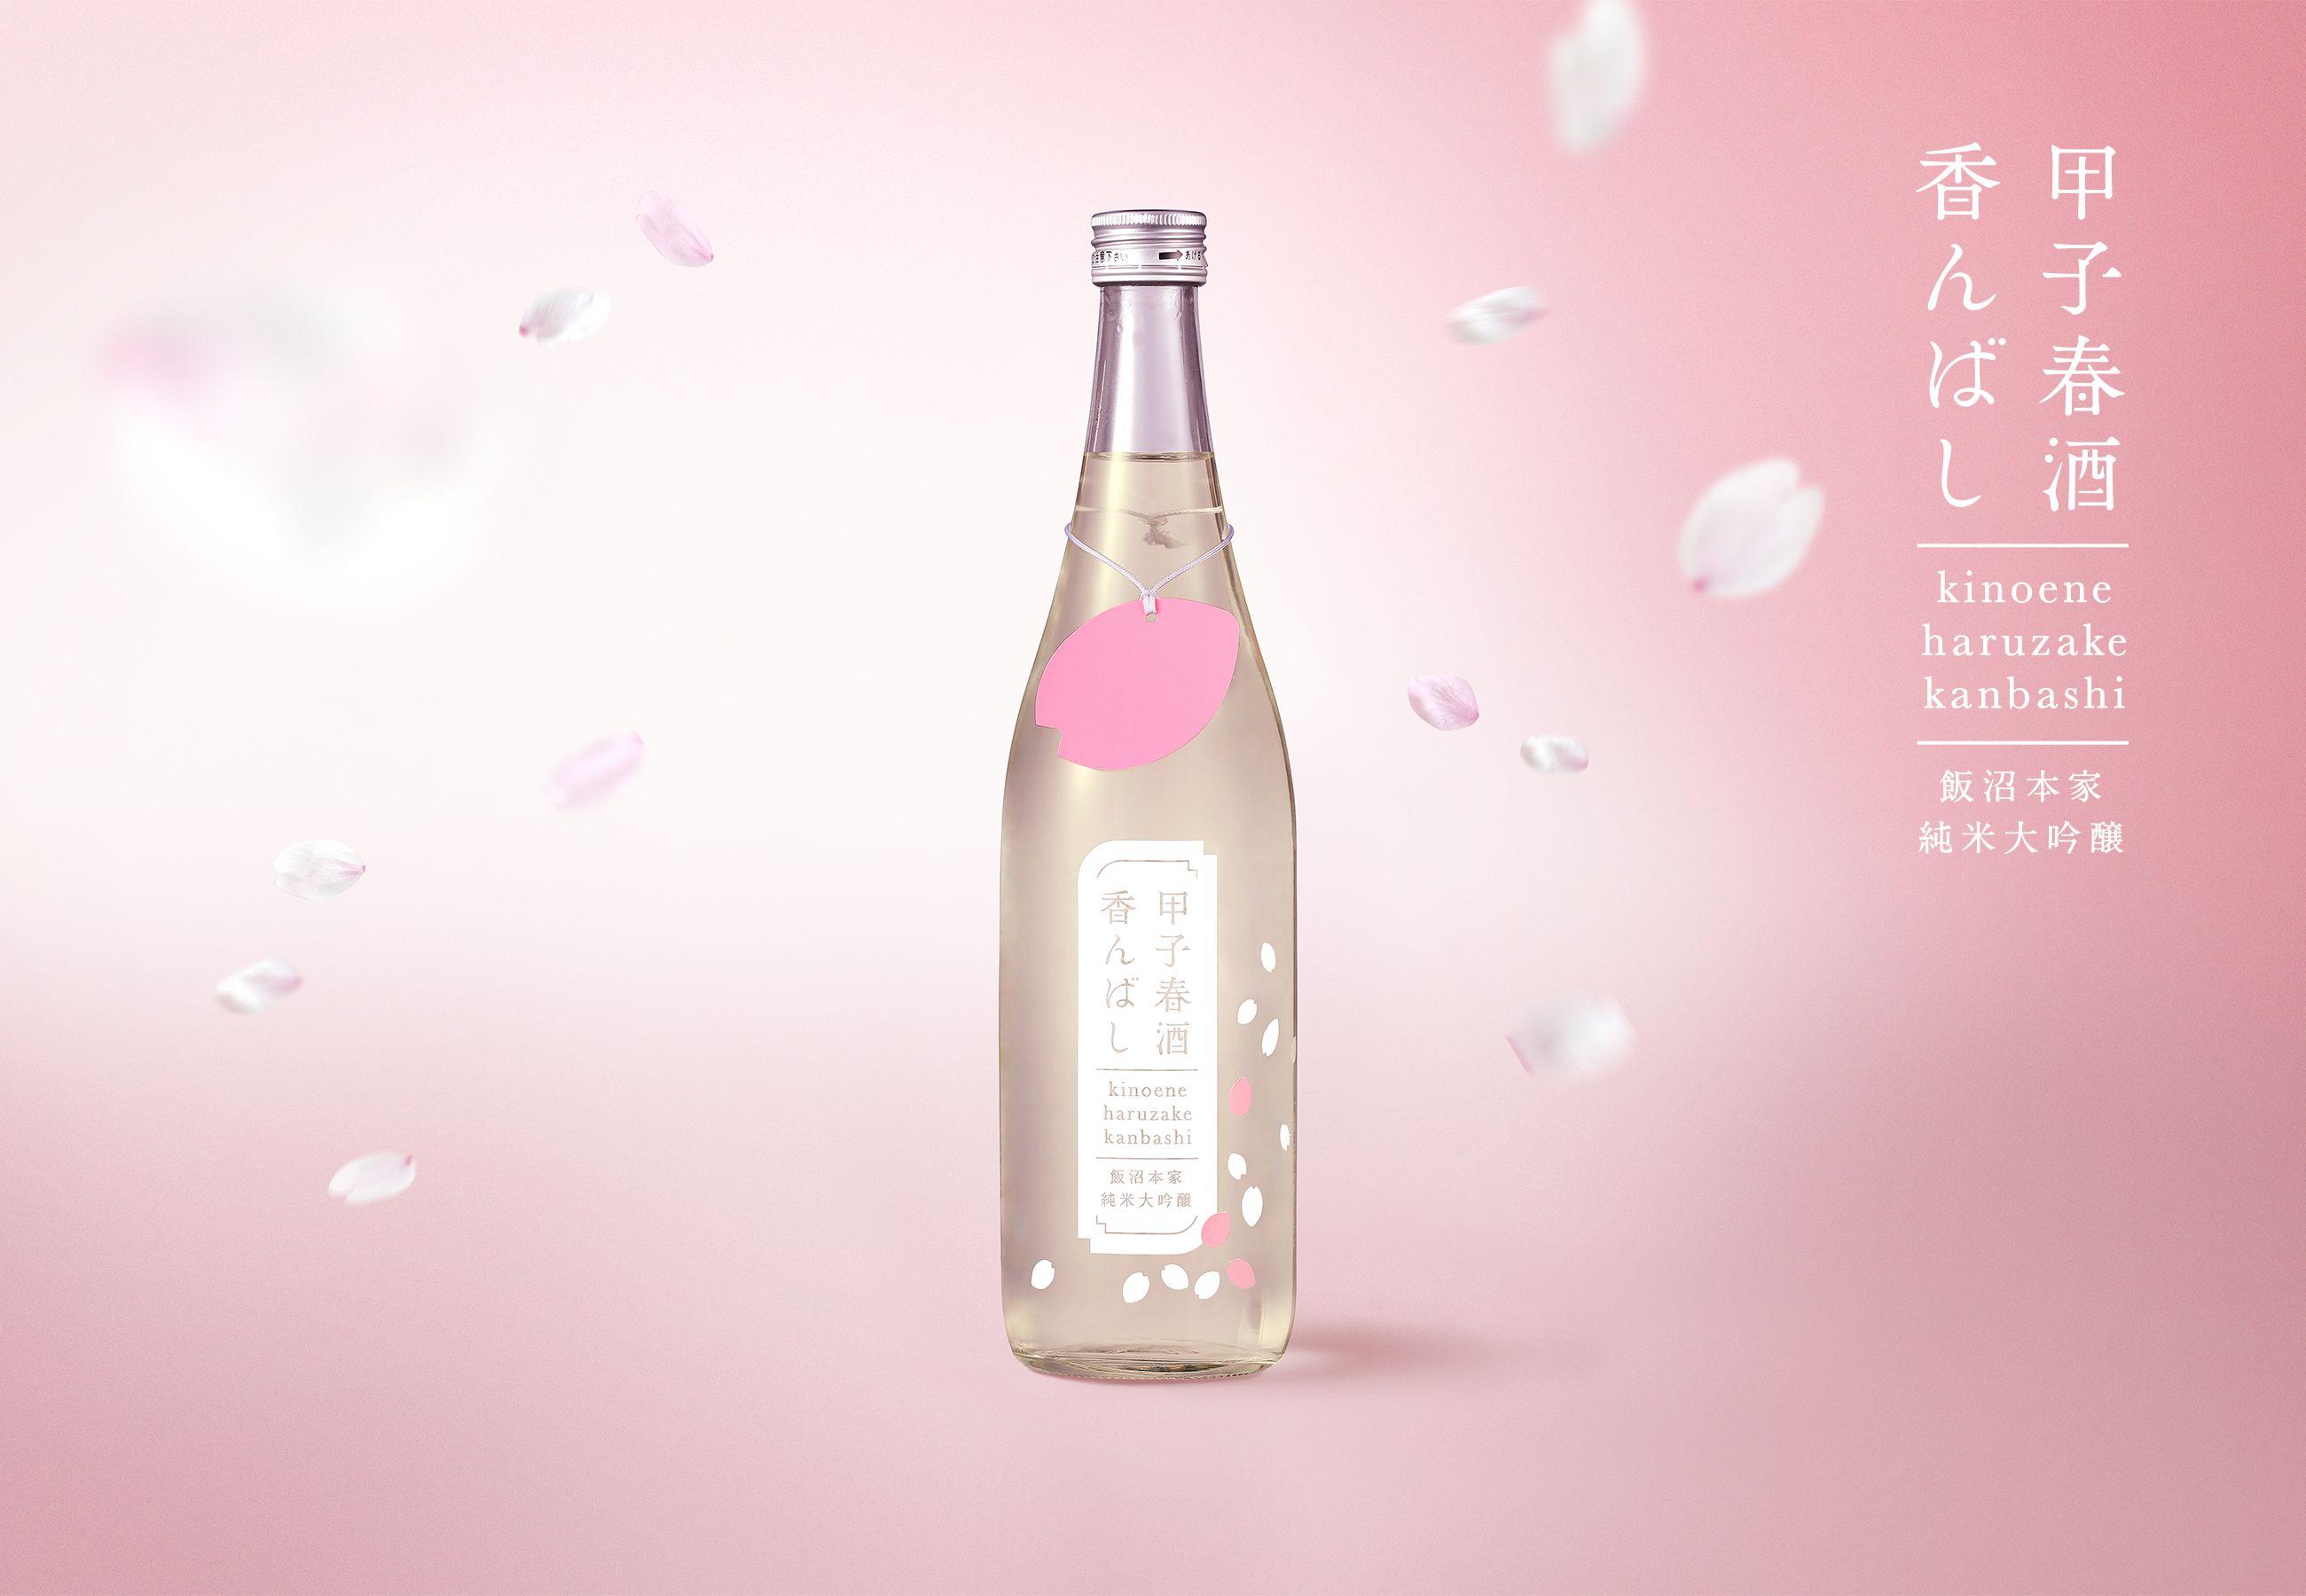 甲子春酒香んばし